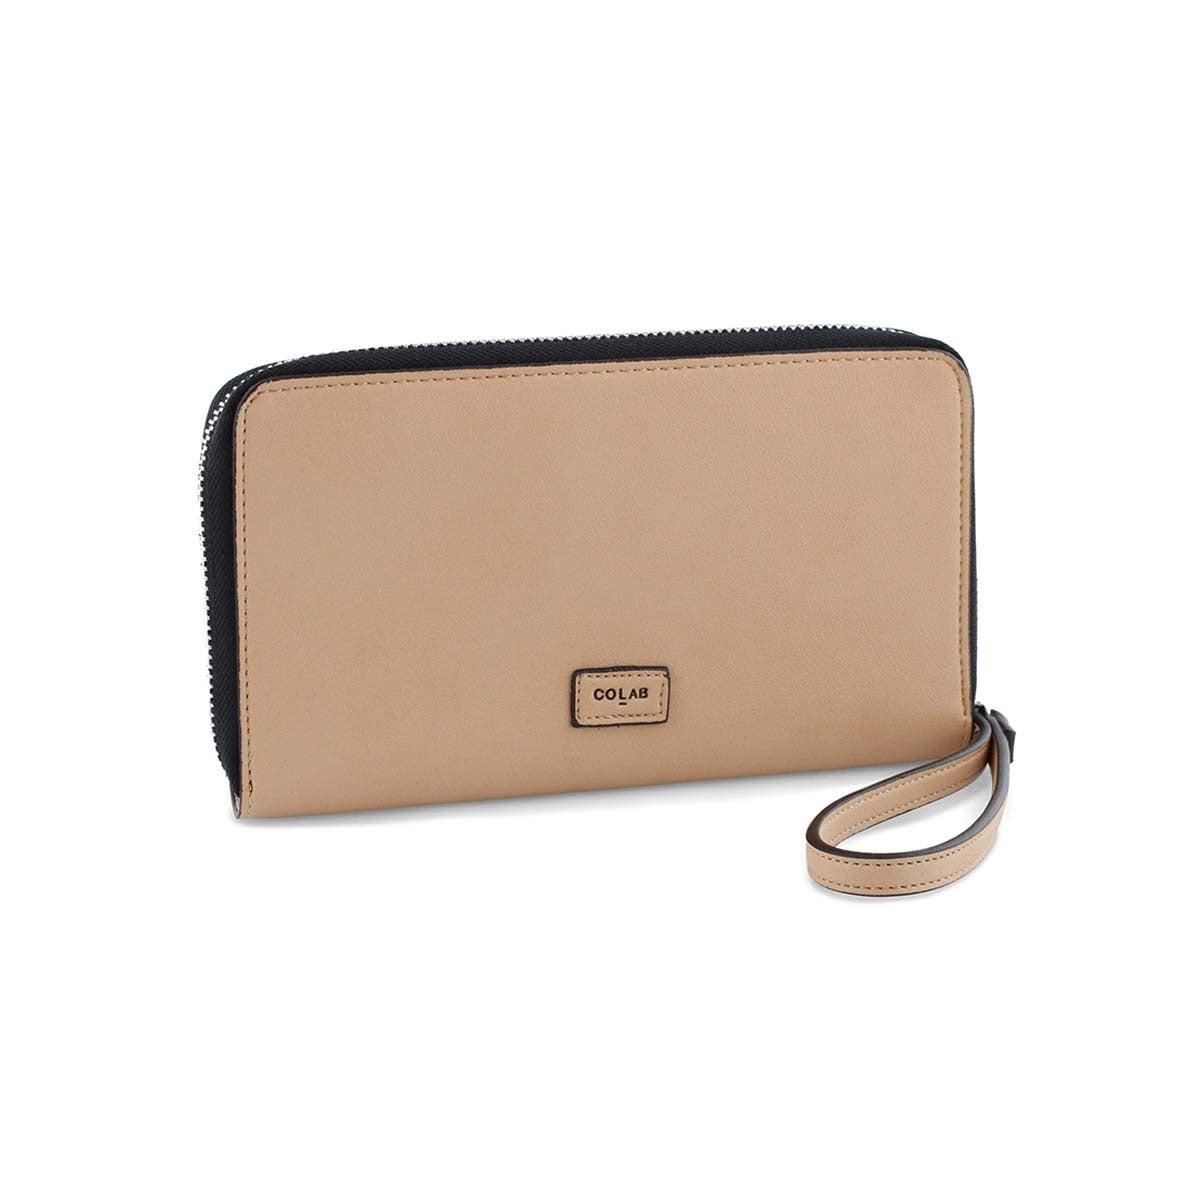 Lds bisque zip up phone wallet